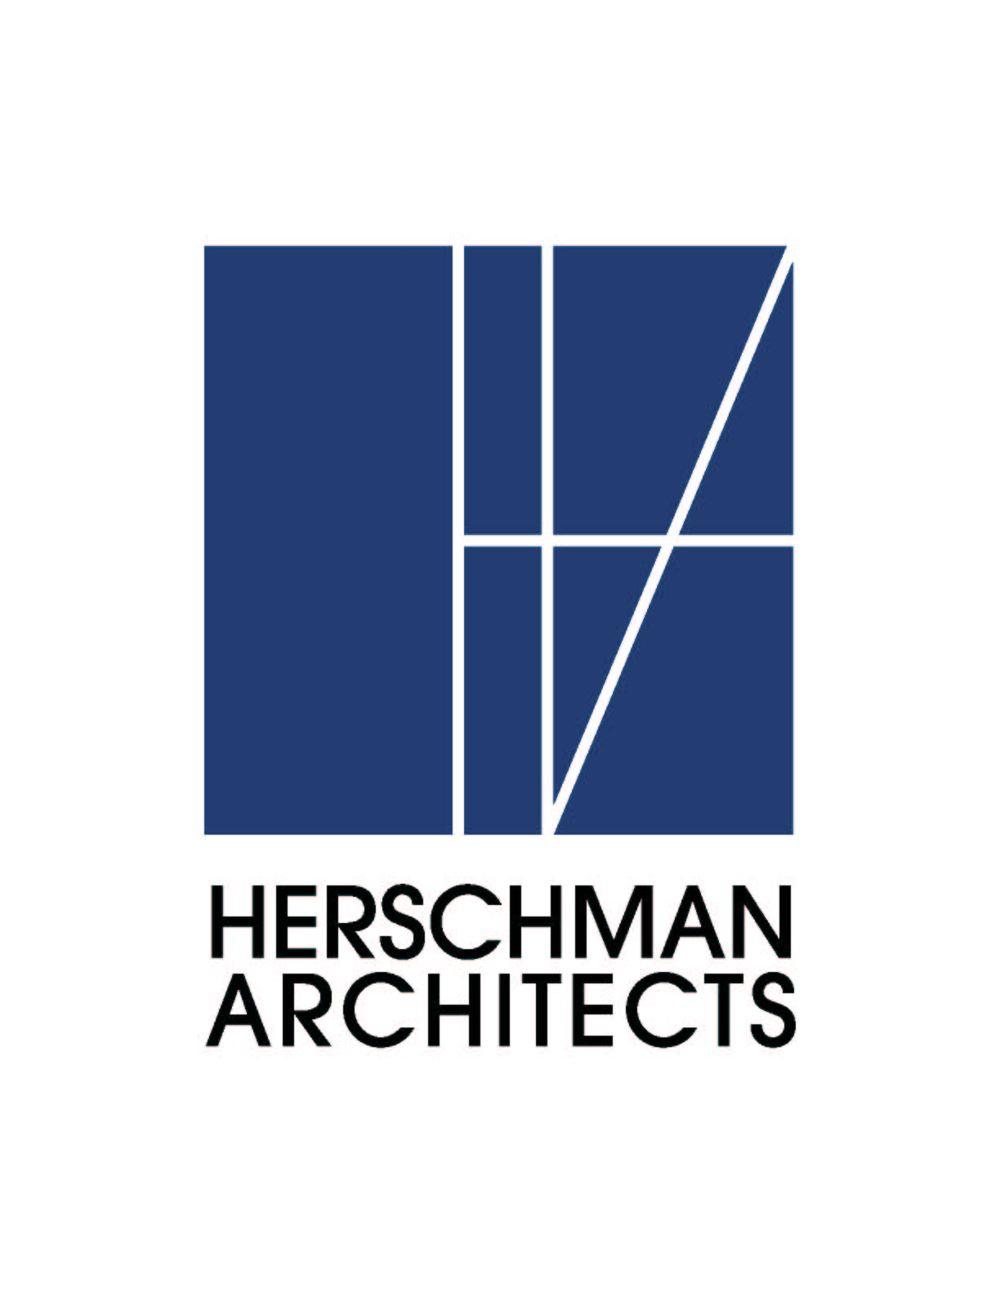 Herschman.jpg